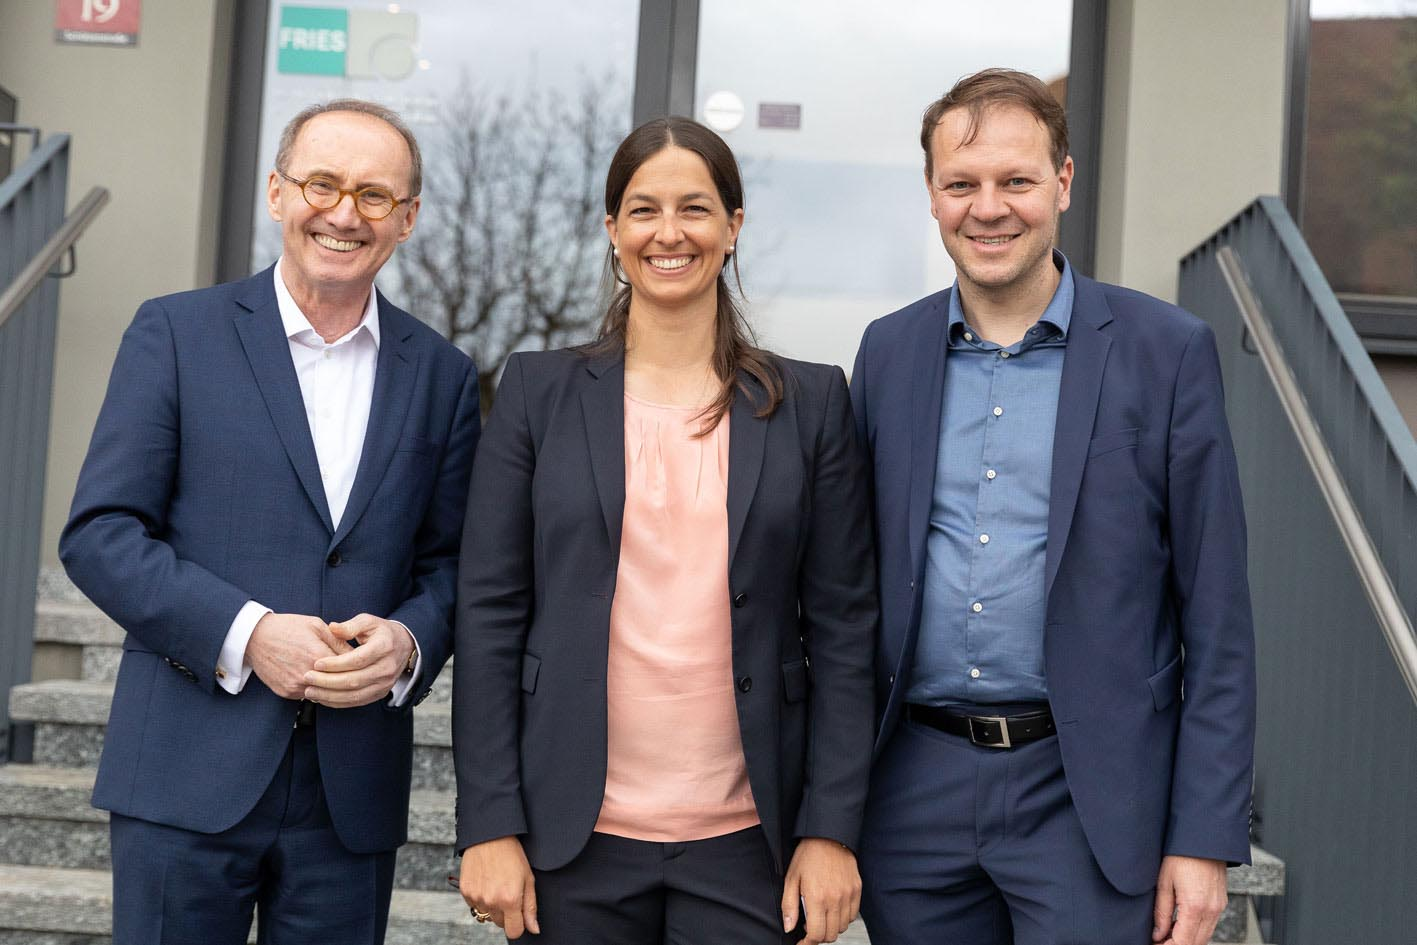 EU-Spitzenkandidat Othmar Karas (ÖVP) zu Besuch bei FRIES Kunststofftechnik GmbH